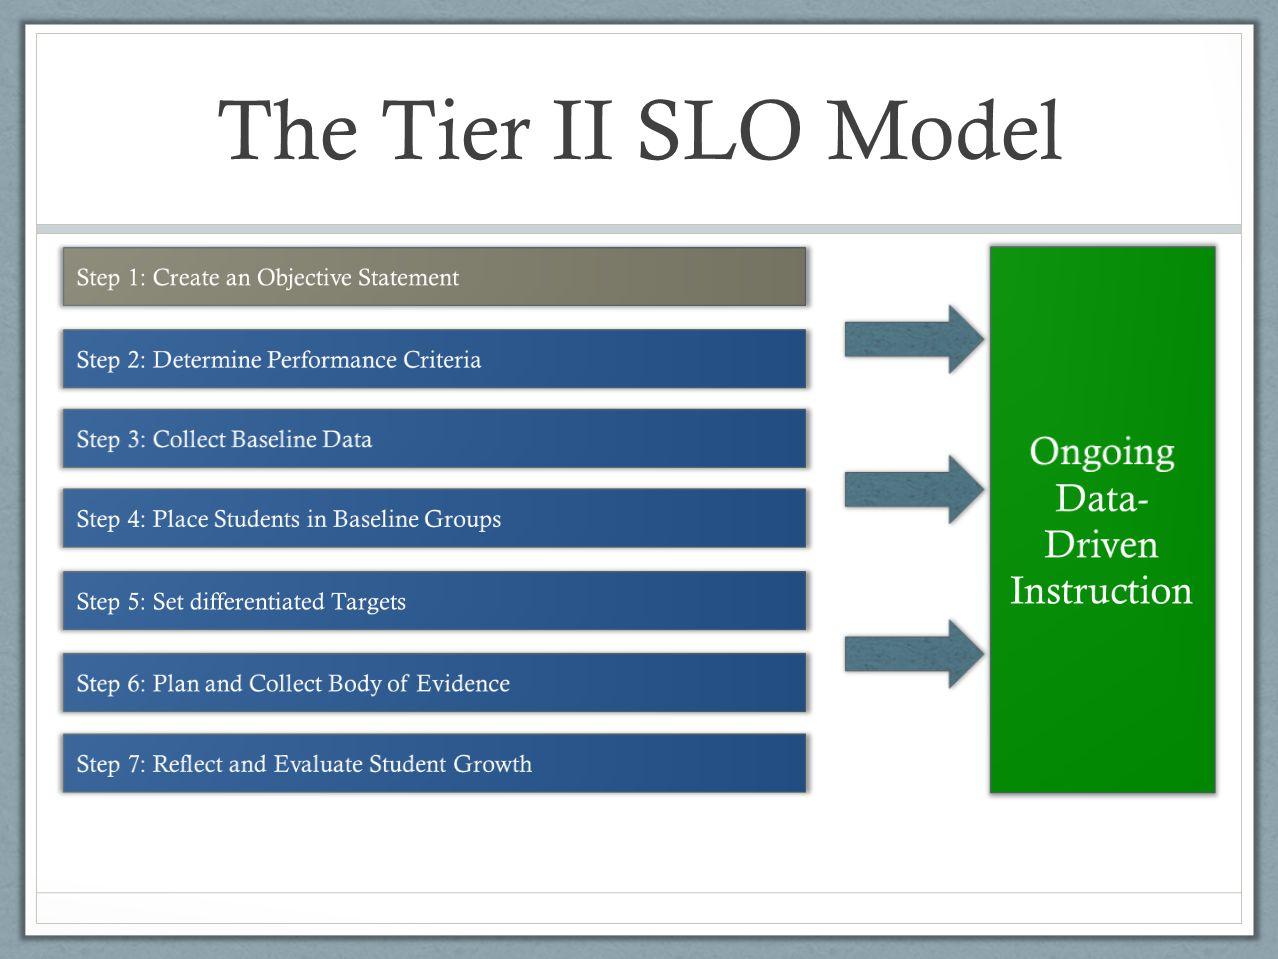 The Tier II SLO Model